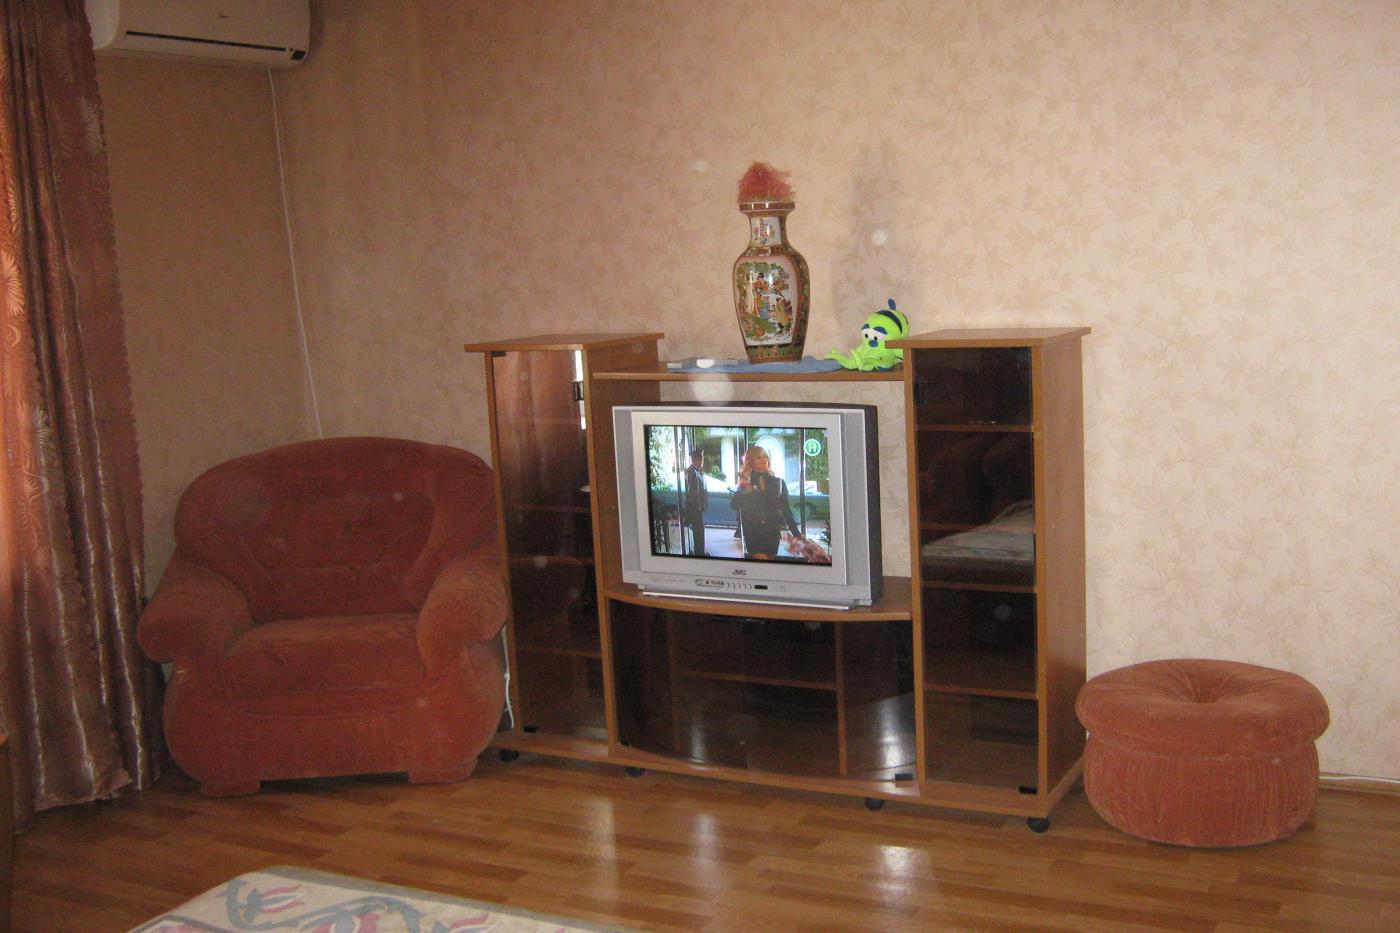 1-комнатная квартира посуточно (вариант № 1278), ул. Октябрьской Революции проспект, фото № 7